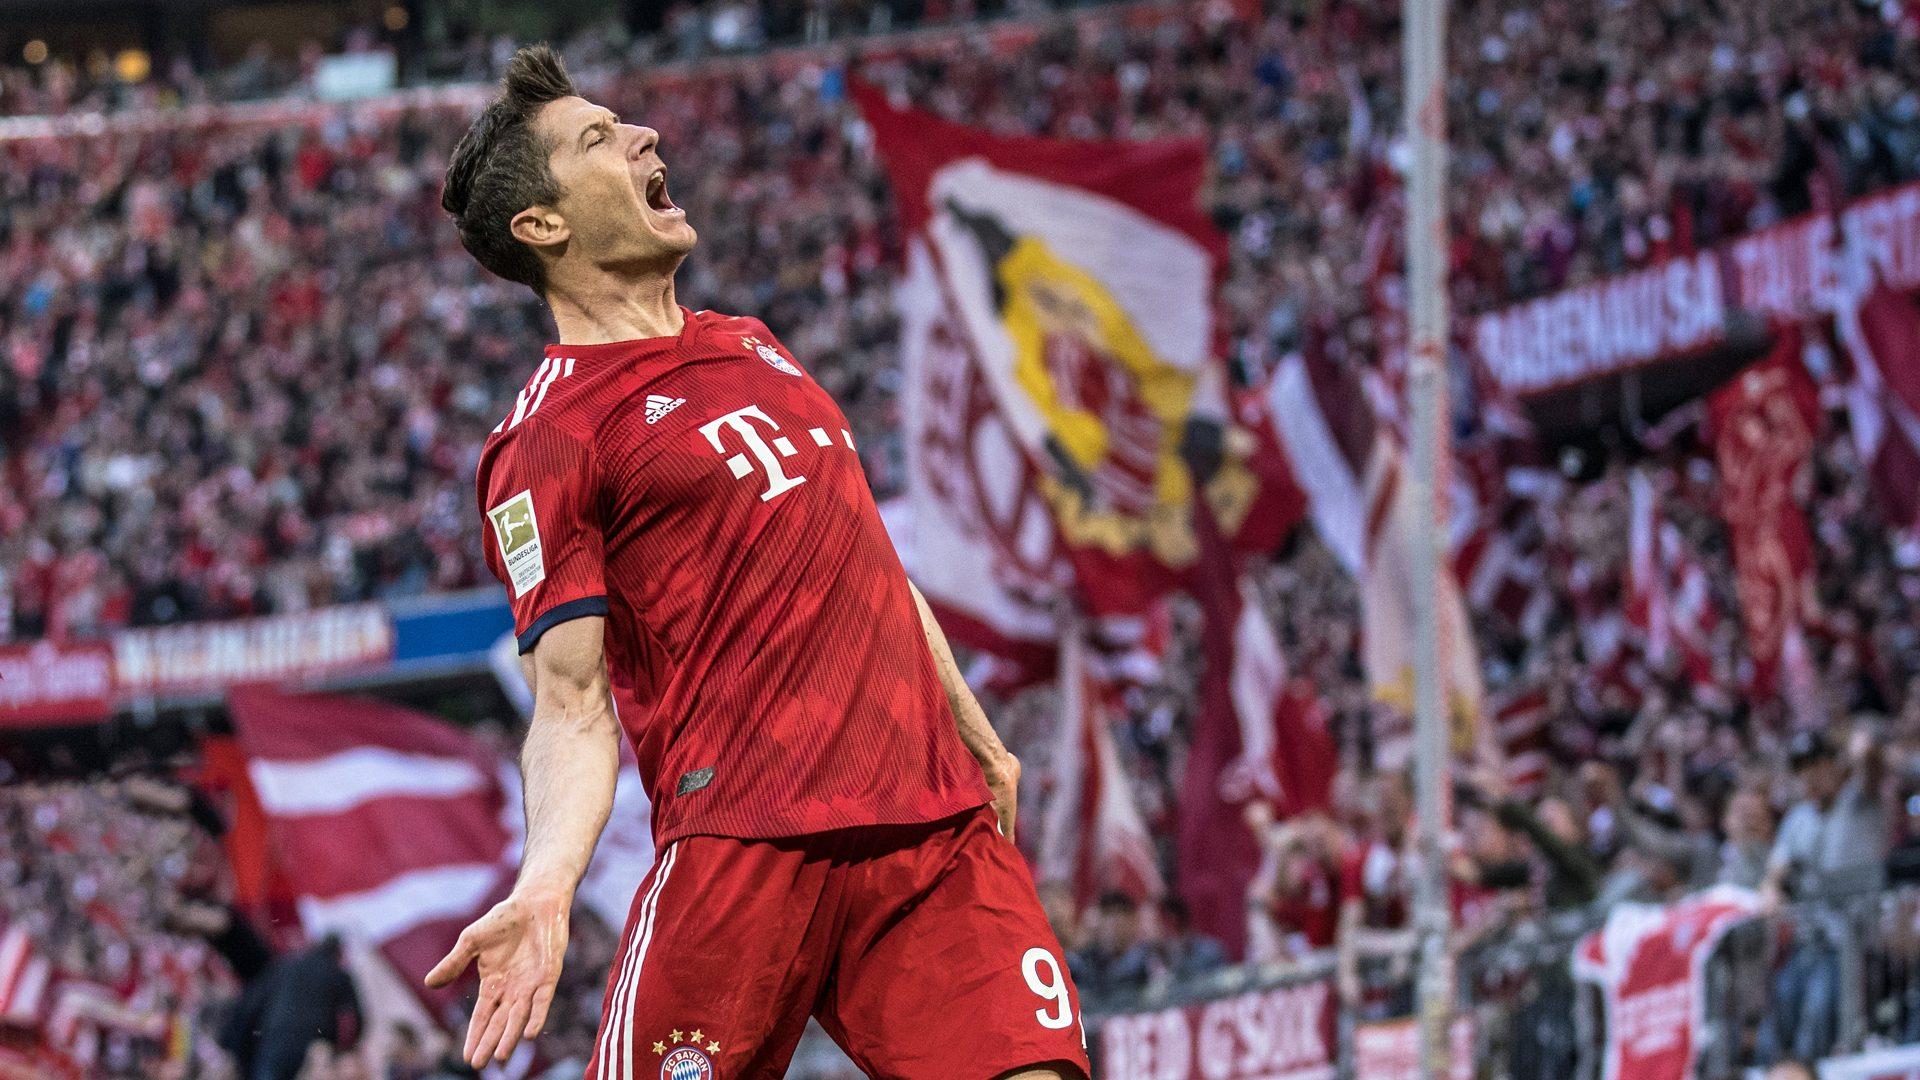 Is Robert Lewandowski the best striker in the world?